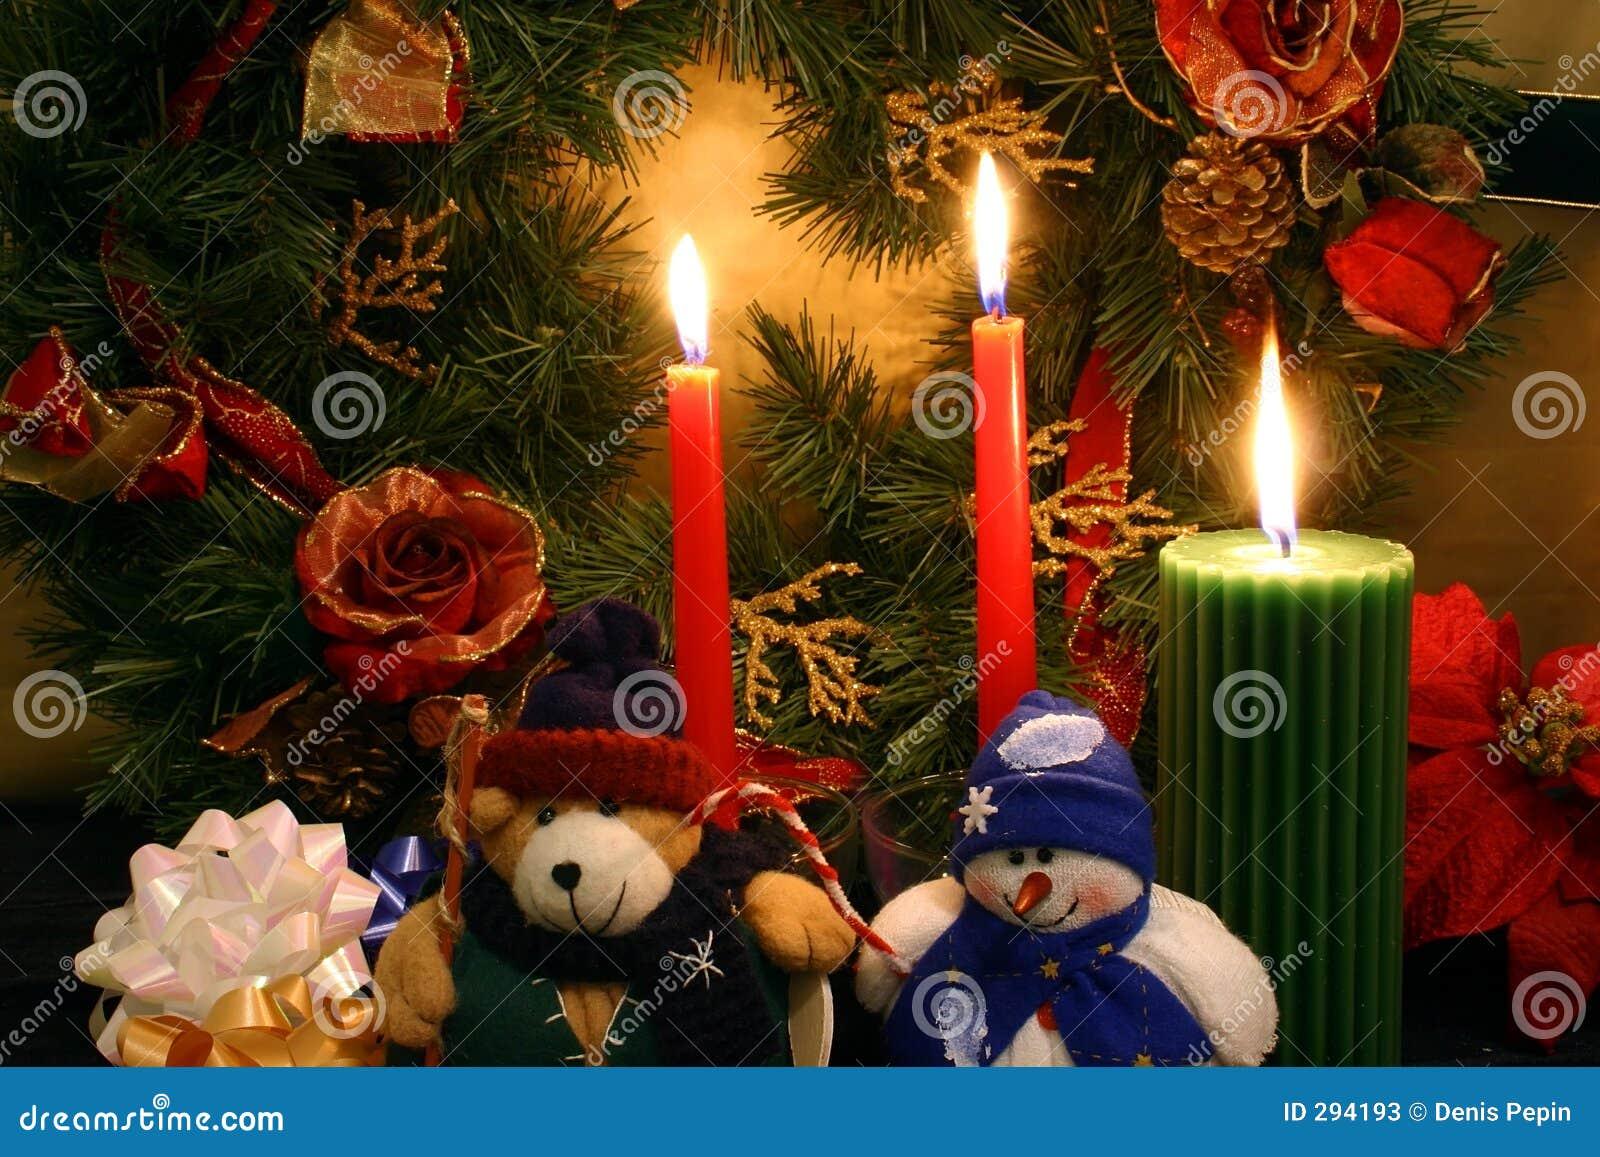 En esprit de Noël, un nounours bourré et un bonhomme de neige bourré